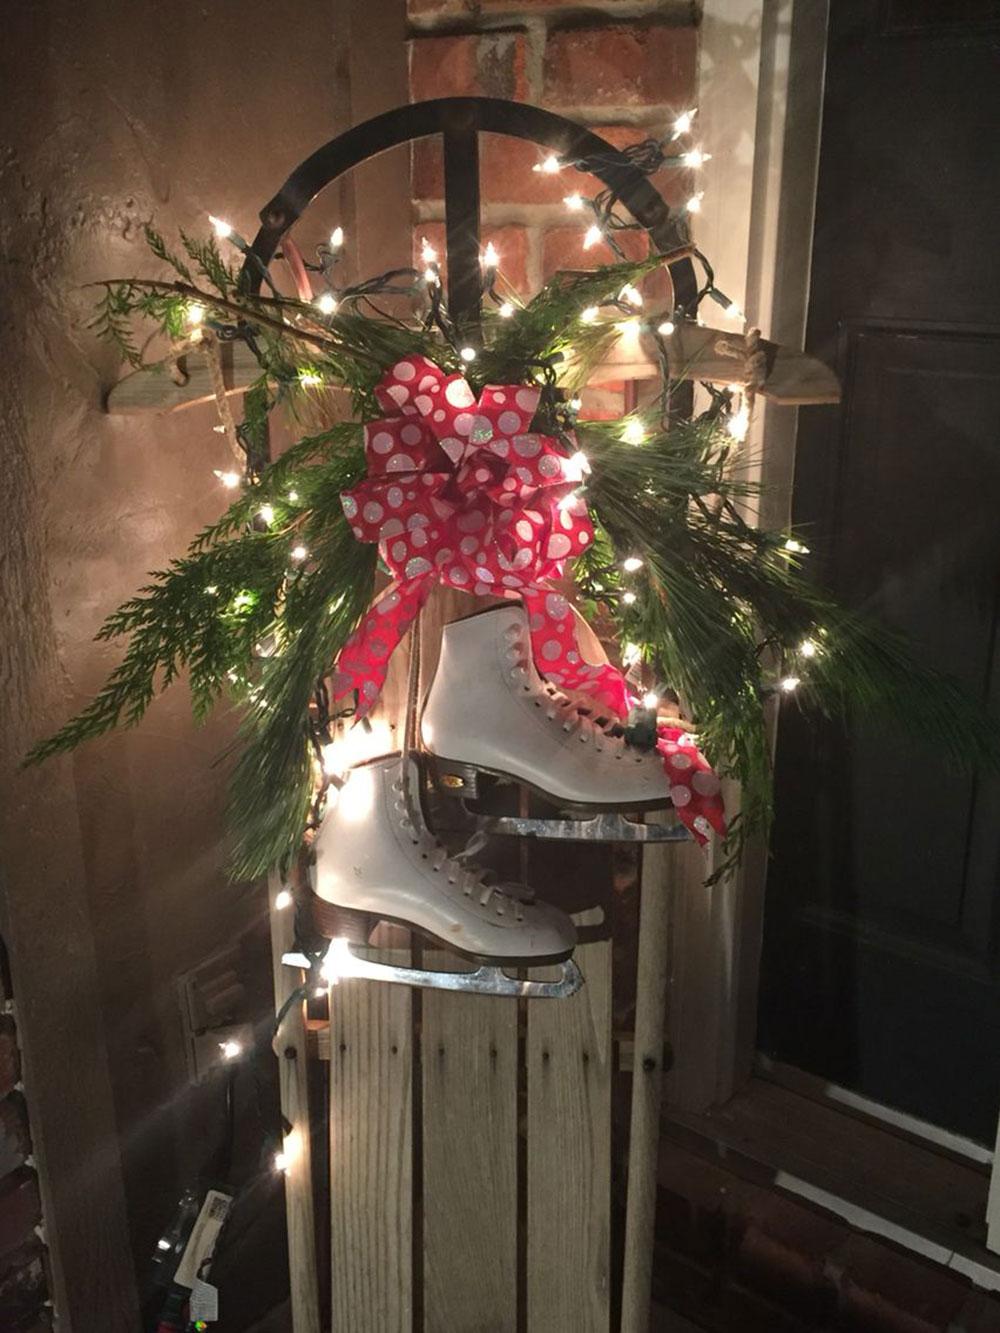 Idées de lumières de Noël d'extérieur vintage-sled à utiliser pour décorer votre maison